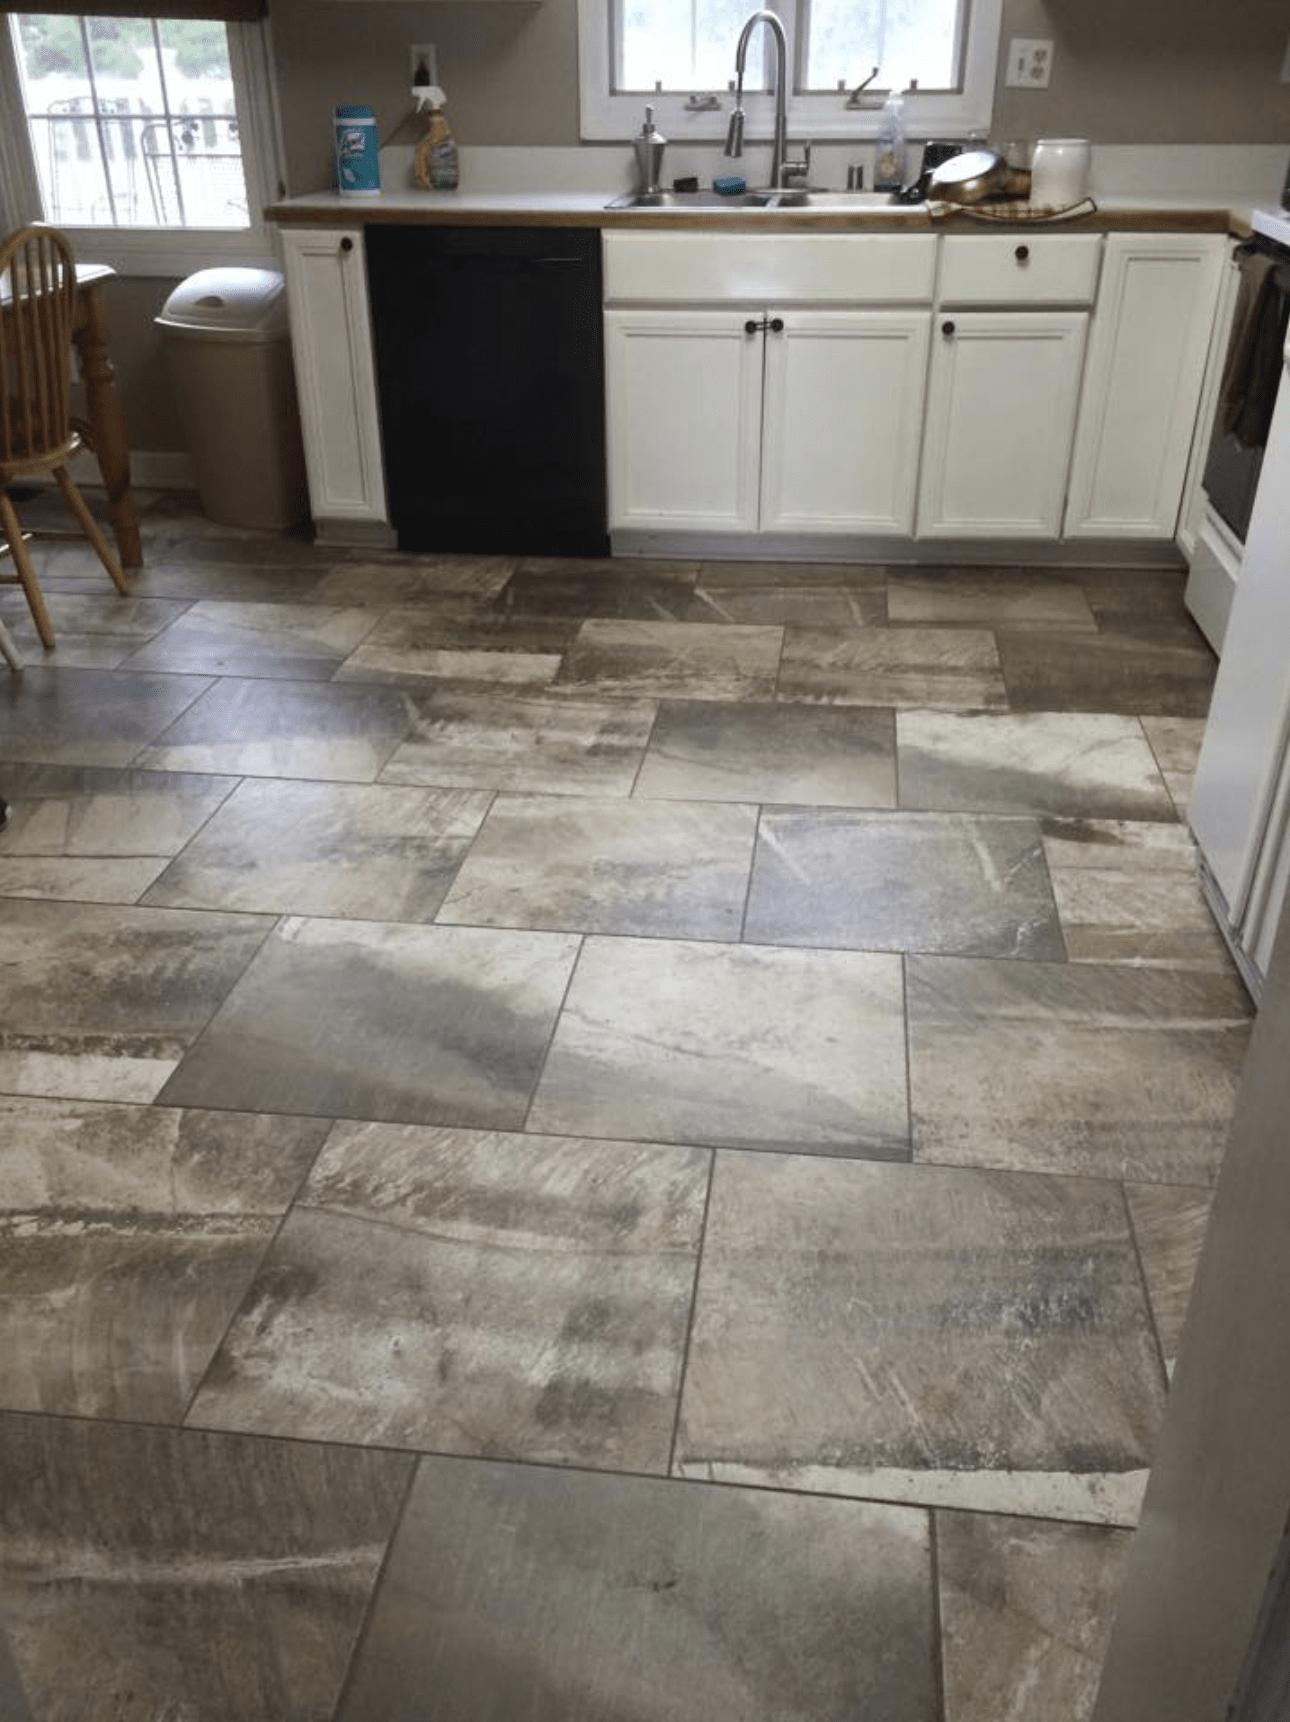 Tile flooring from Charles Tyre Flooring in Middletown, DE